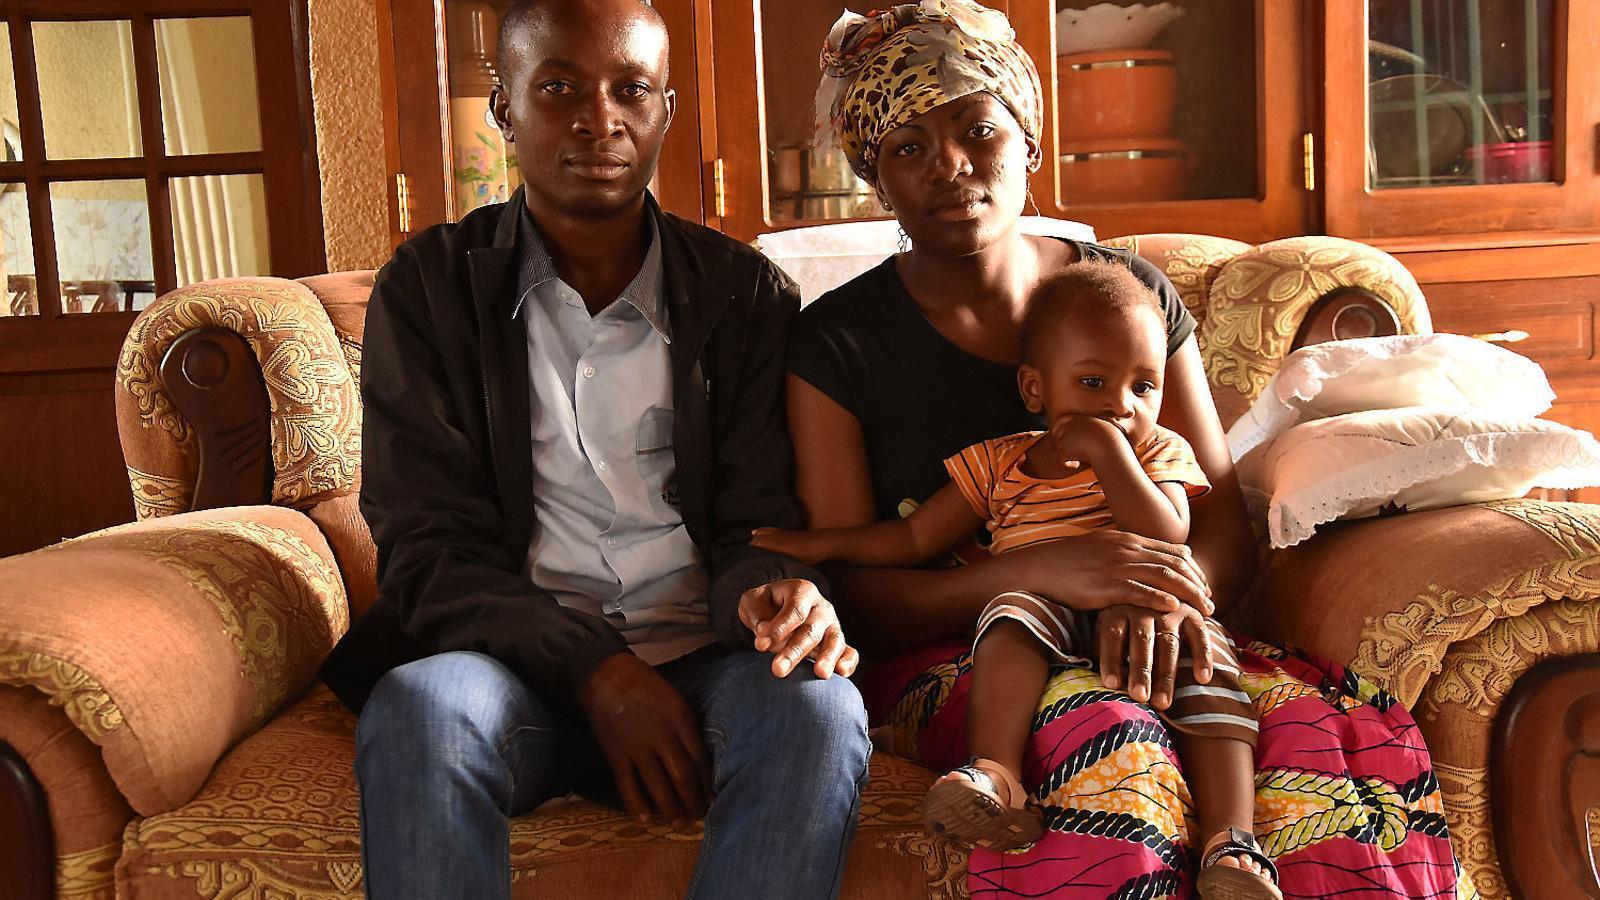 El doctor Maurice Mutsunga i Esperance Masinda amb el seu fill de quinze mesos a casa seva, a la localitat congolesa de Beni.